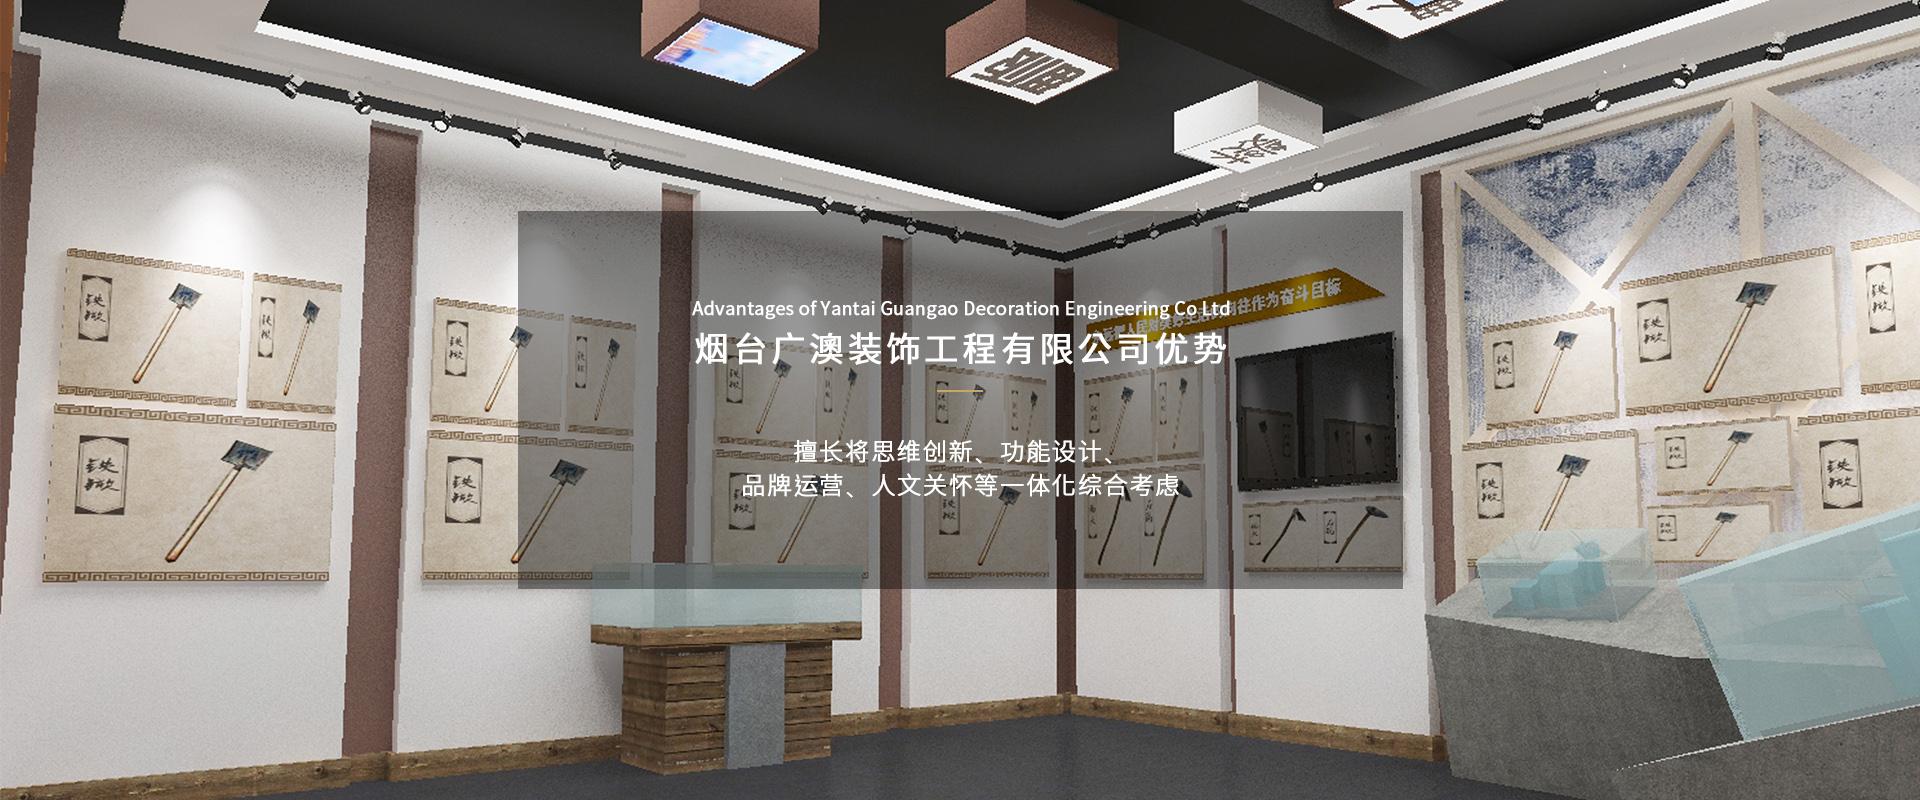 烟台展馆设计制作